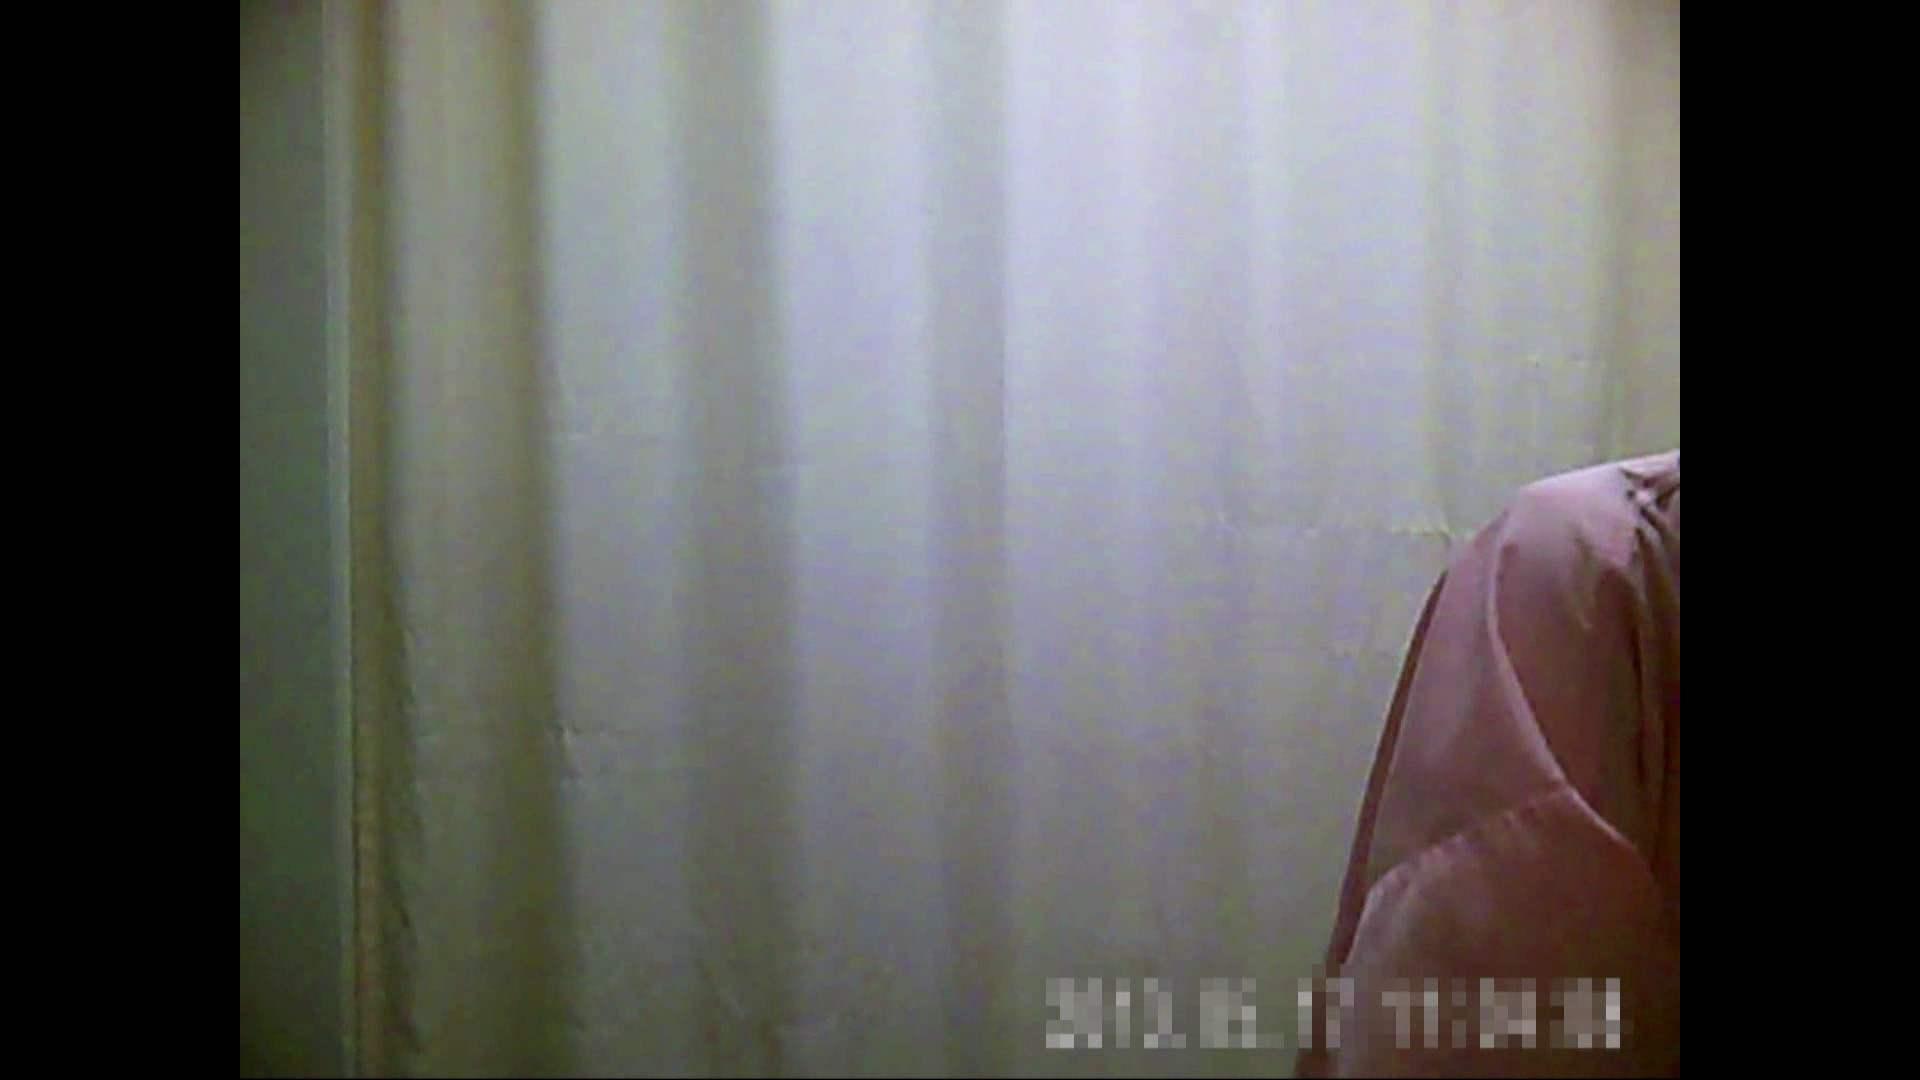 元医者による反抗 更衣室地獄絵巻 vol.048 お姉さんのSEX おまんこ無修正動画無料 98枚 5